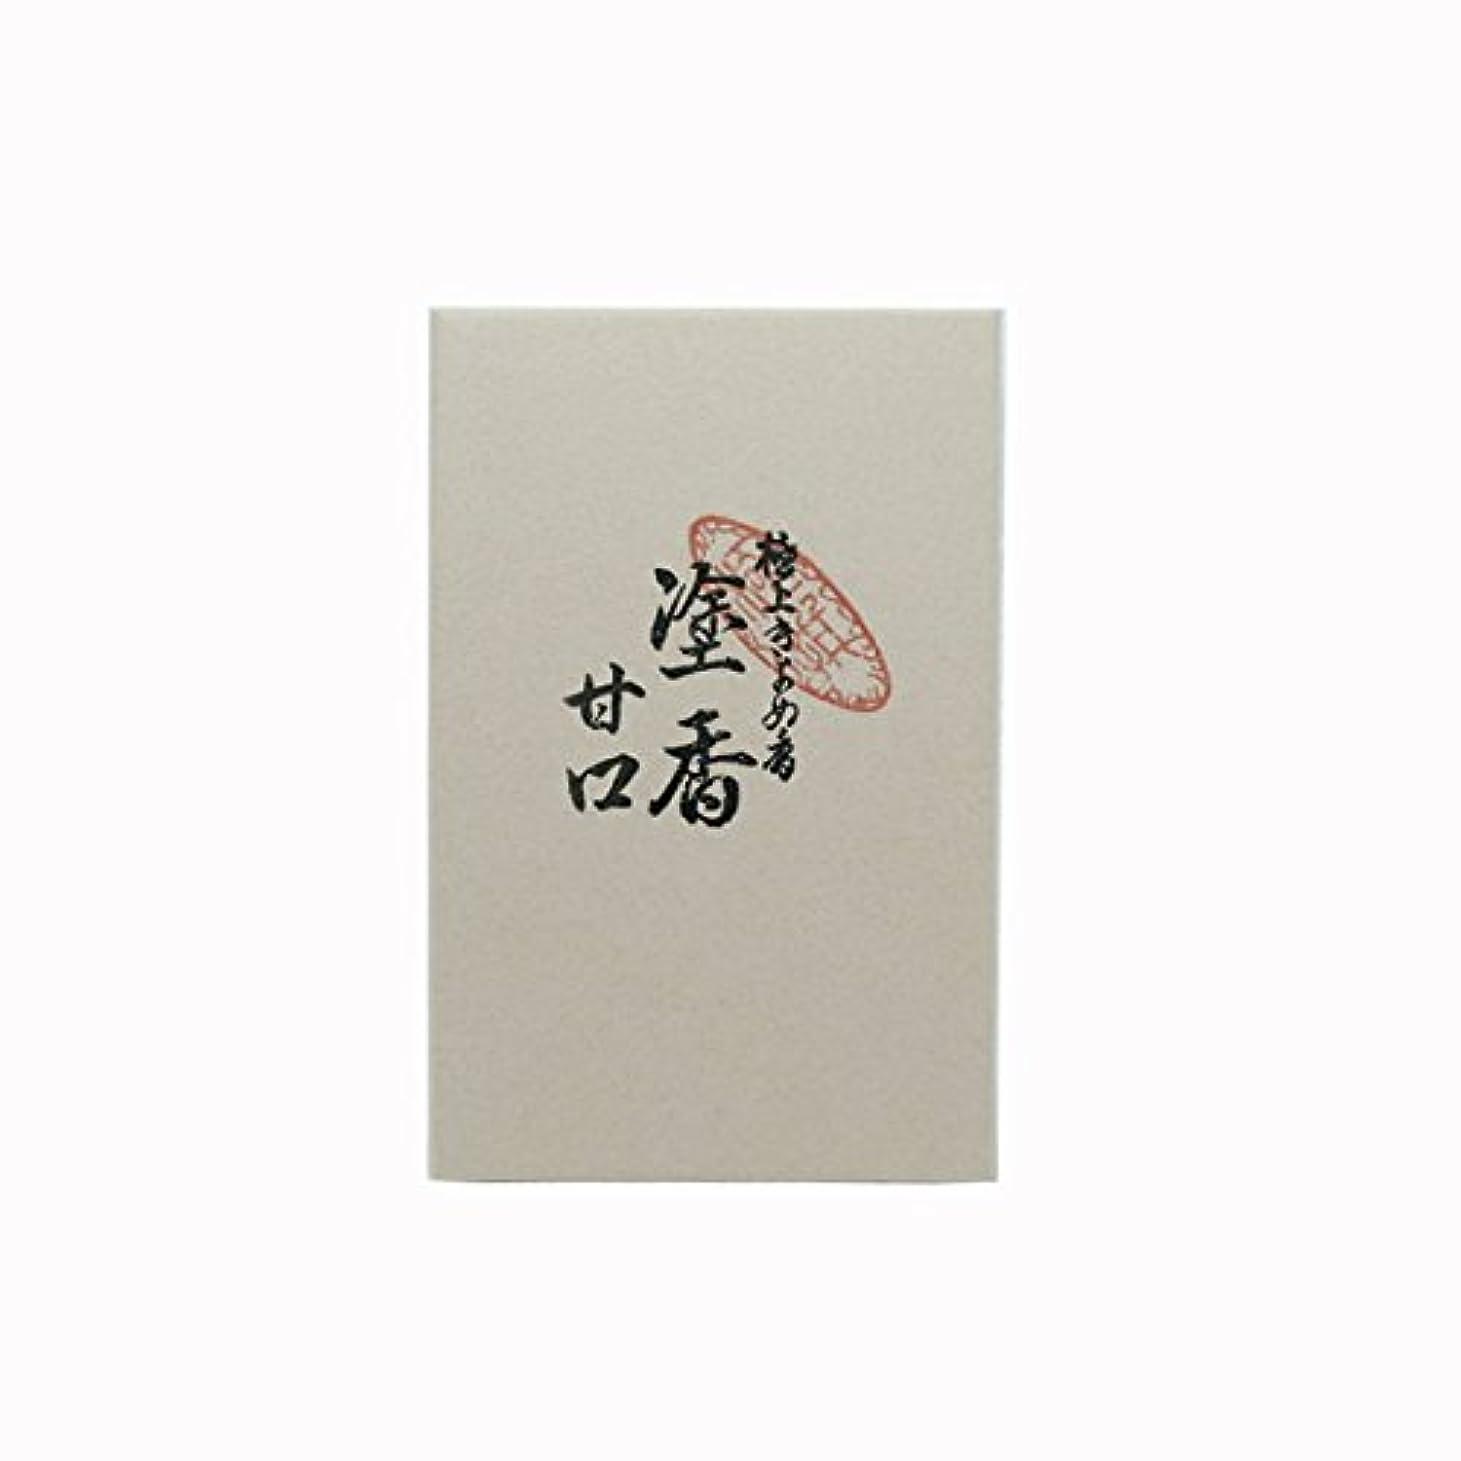 安西リハーサル火山学塗香(甘口) 12g入